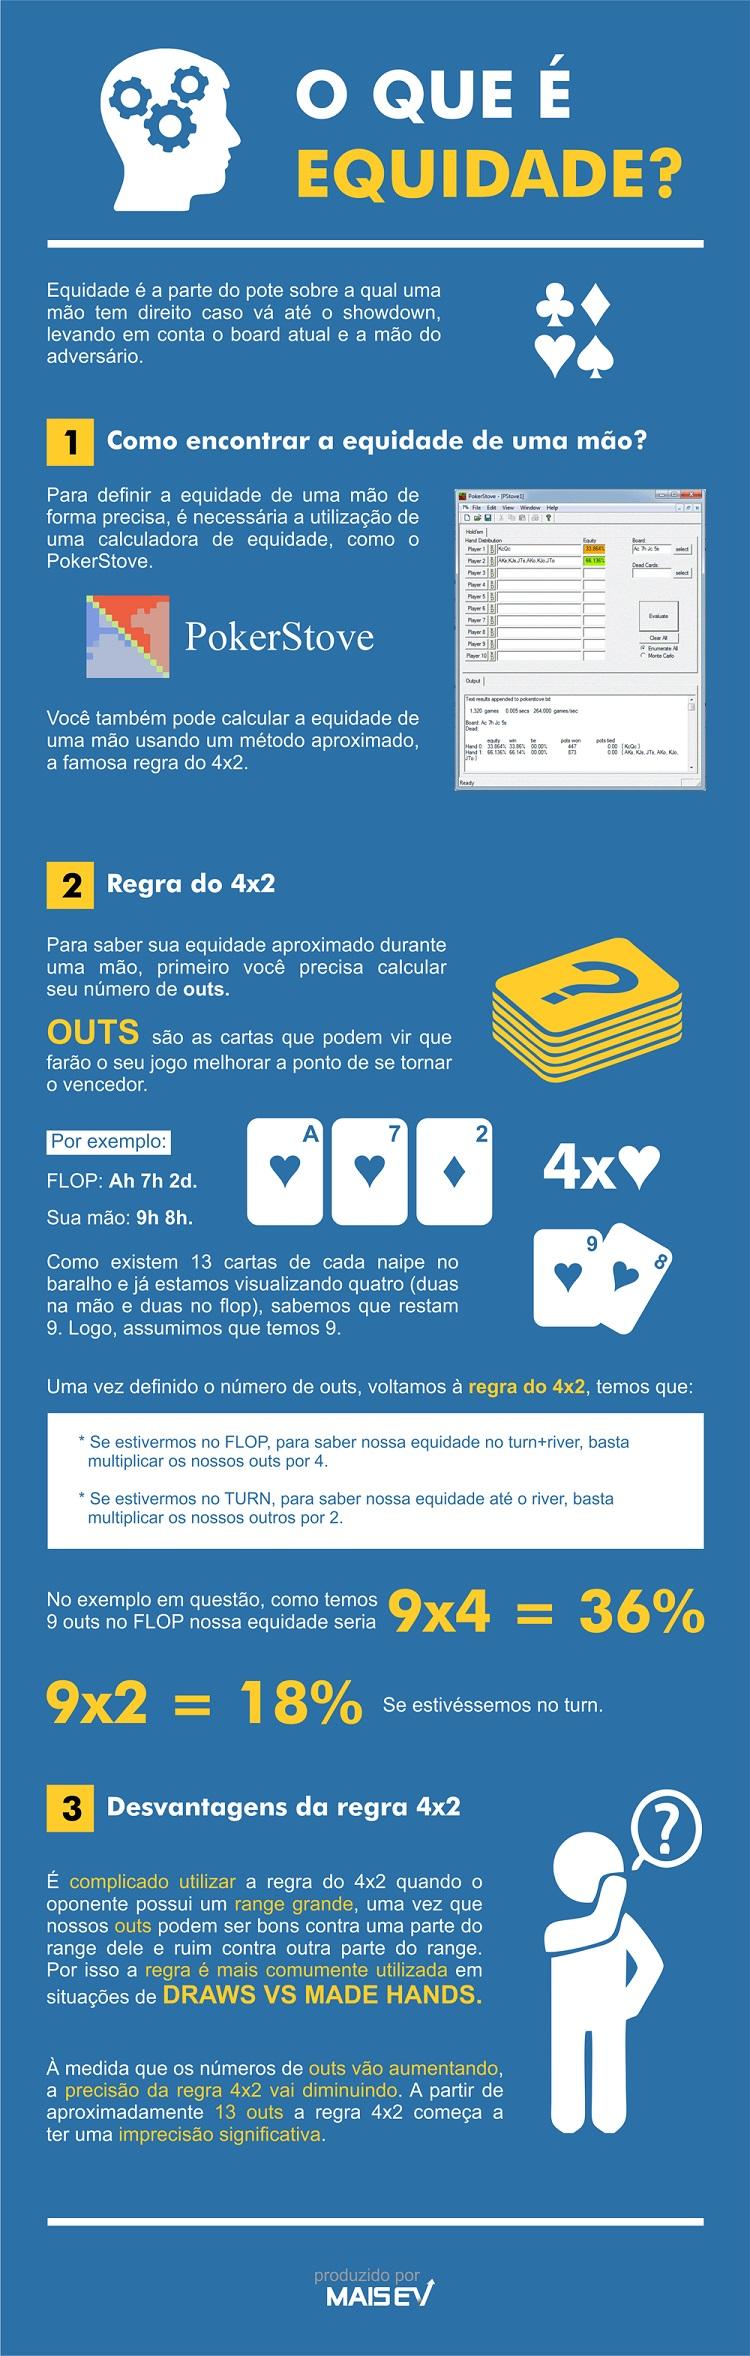 infografico_o que e equidade_MaisEV